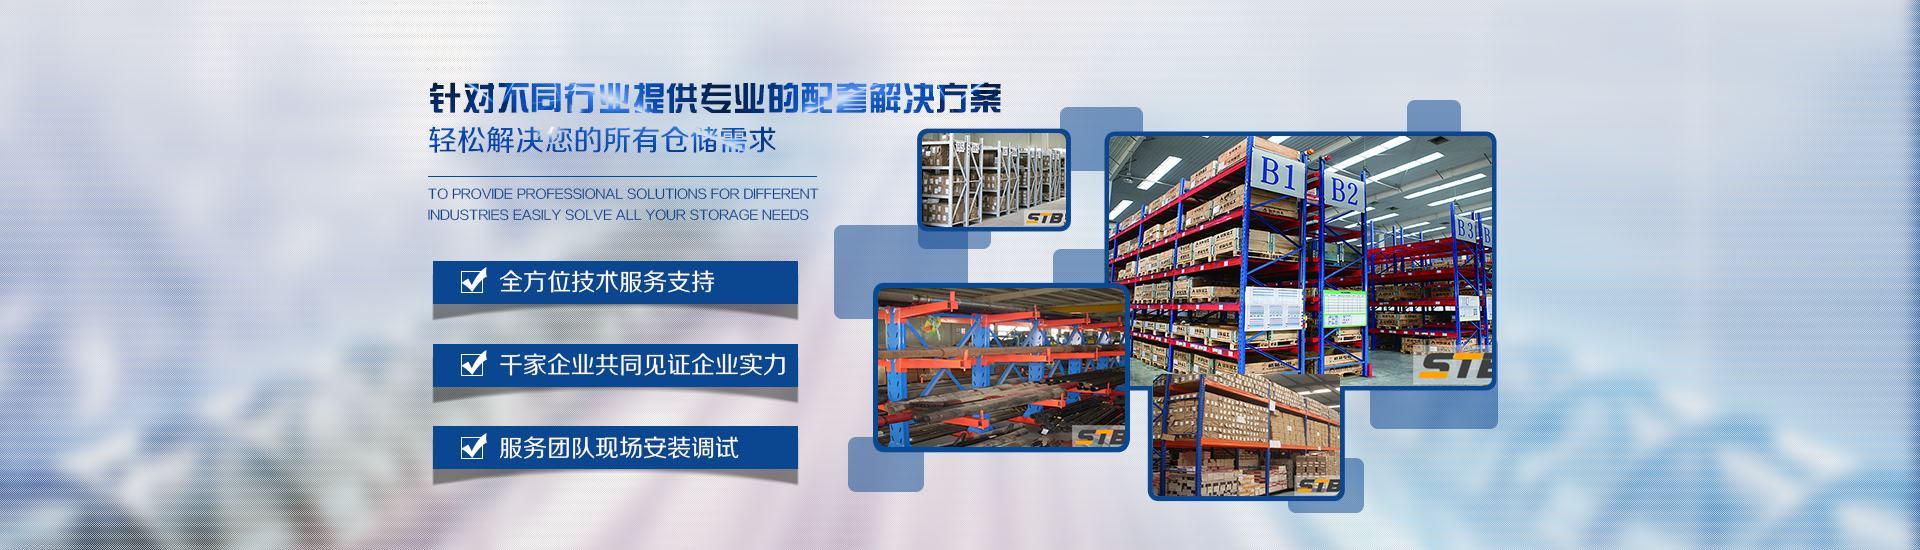 自动化立体库,立体仓库堆垛机厂家,WMS自动化管理系统